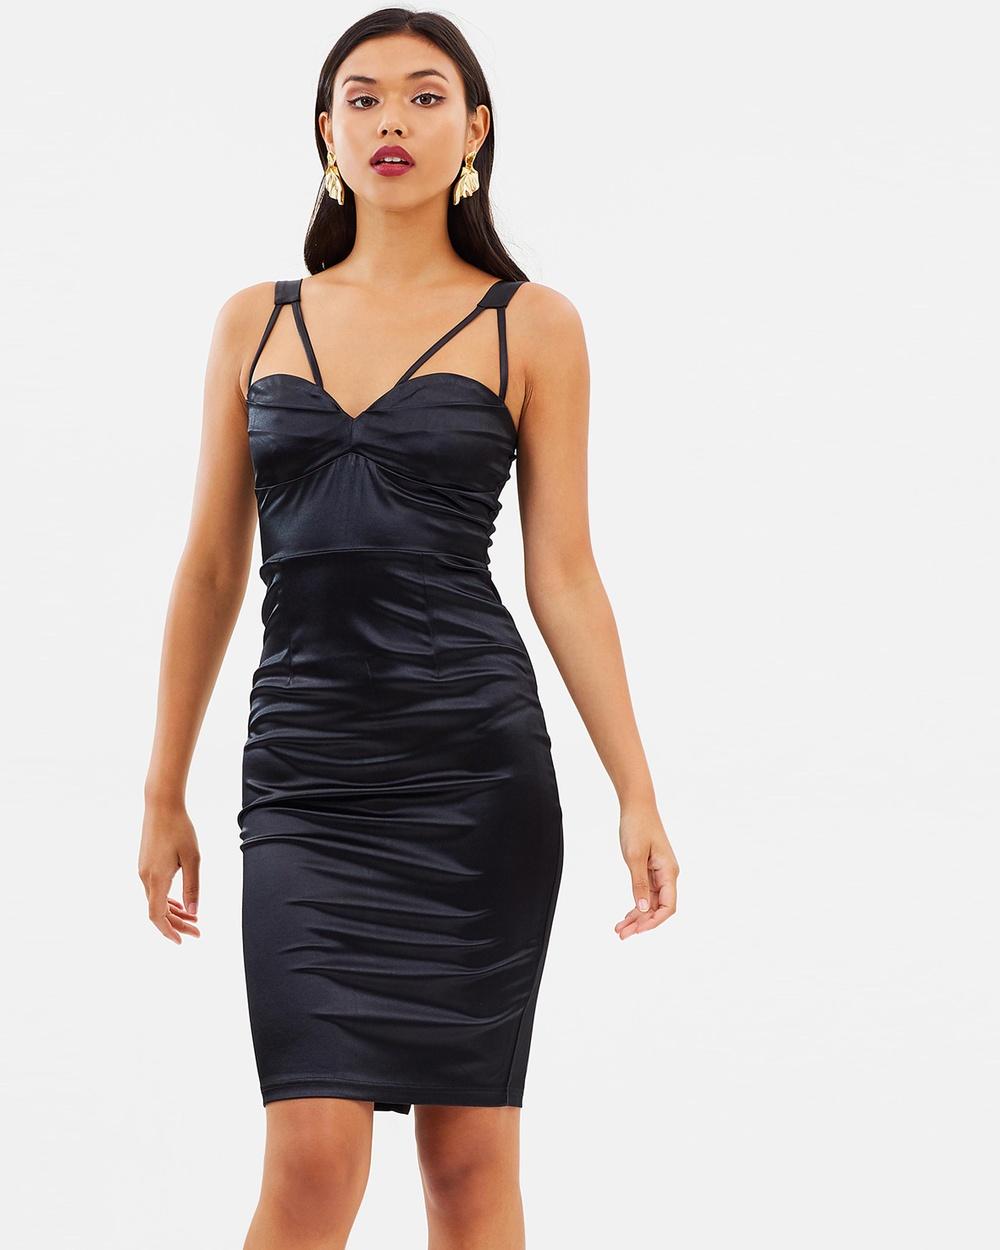 Missguided Black Satin Strap Detail Midi Dress Bodycon Dresses Black Black Satin Strap Detail Midi Dress